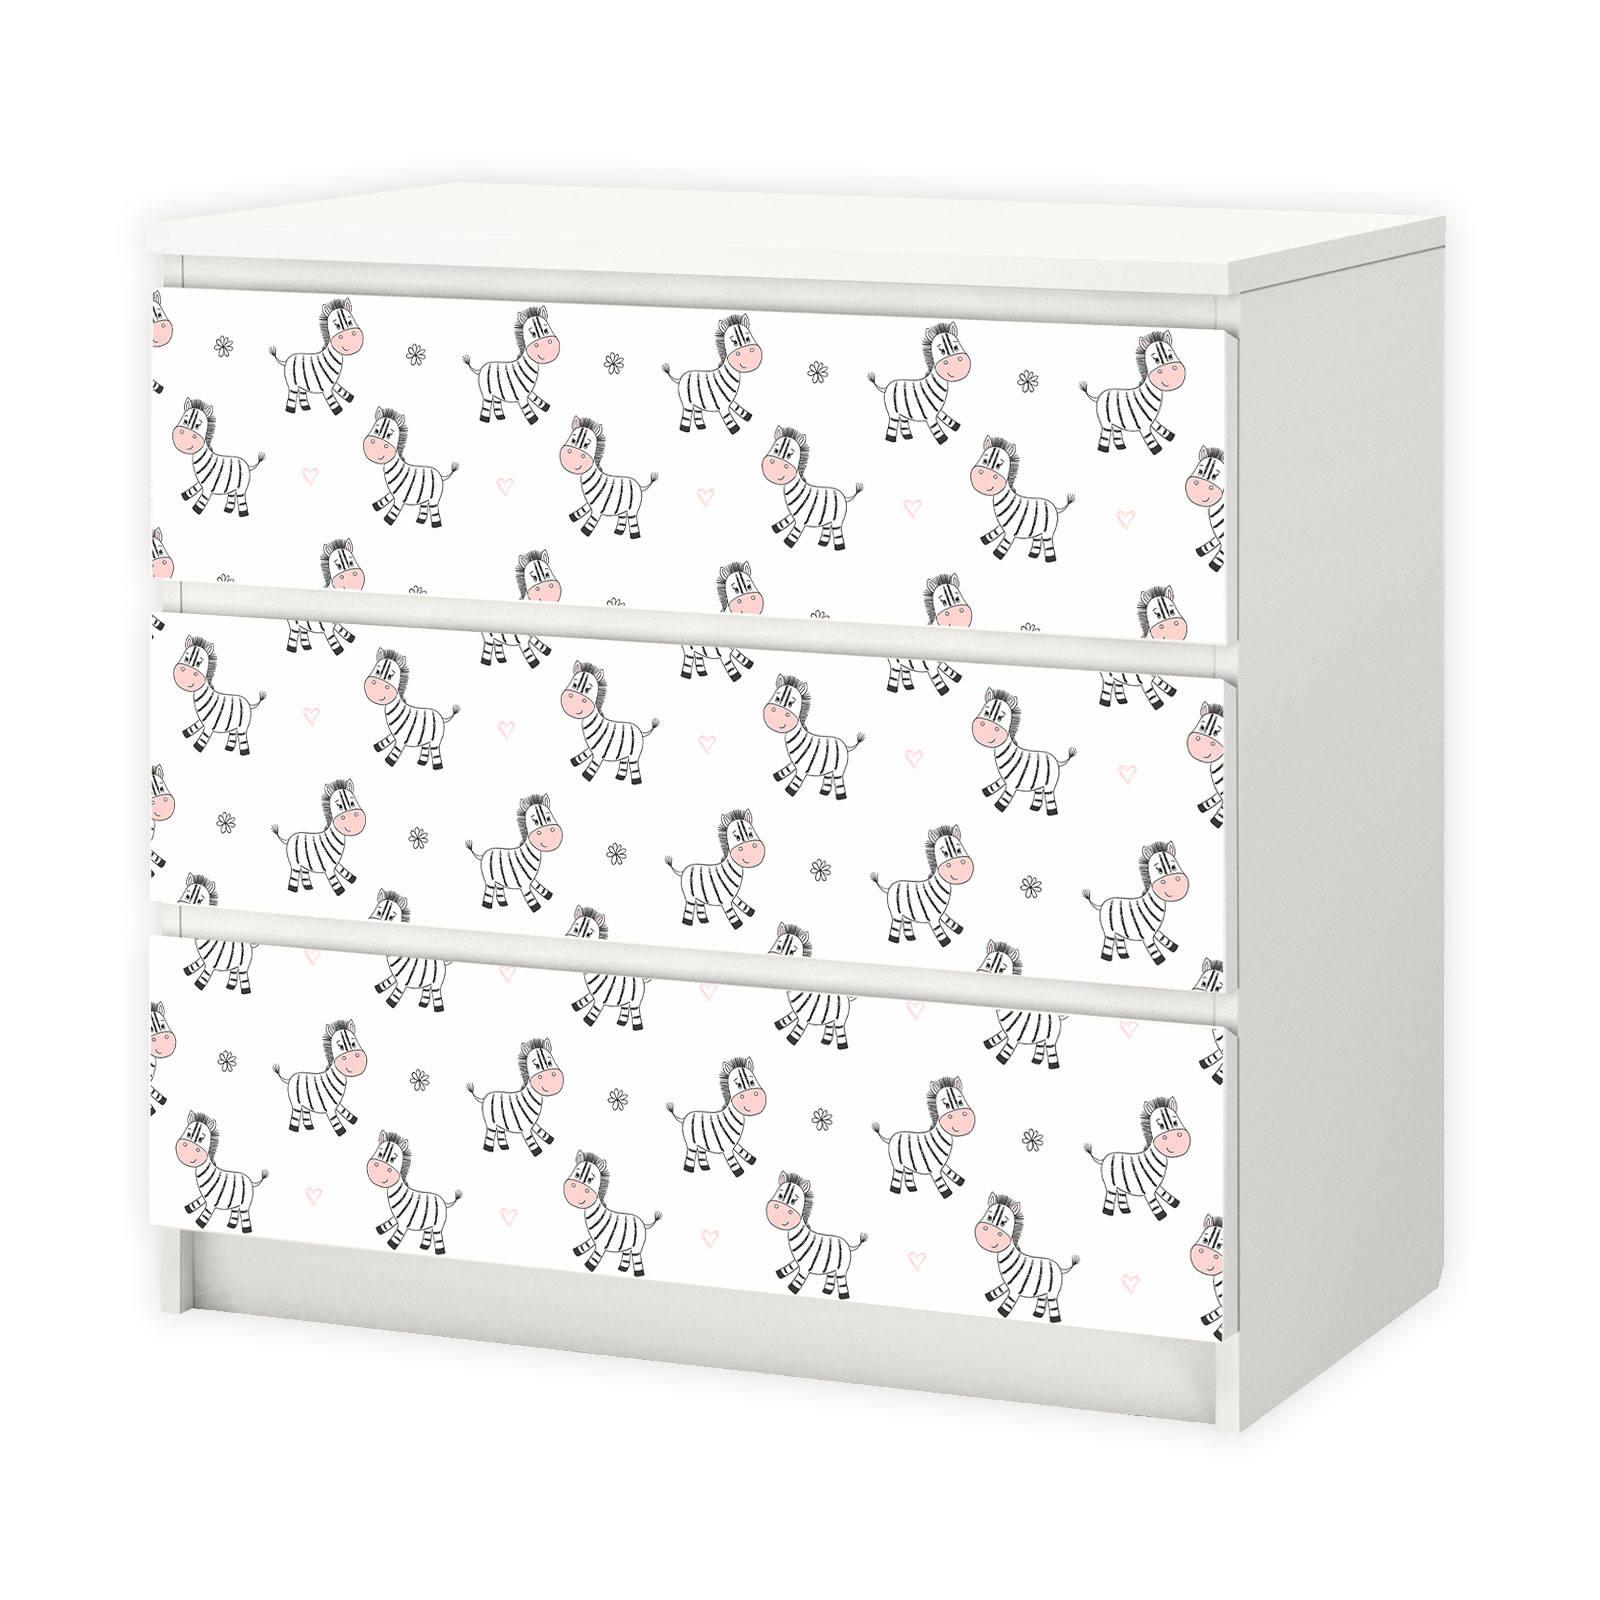 feuille de meubles 016 pour ikea malm zebra etsy. Black Bedroom Furniture Sets. Home Design Ideas